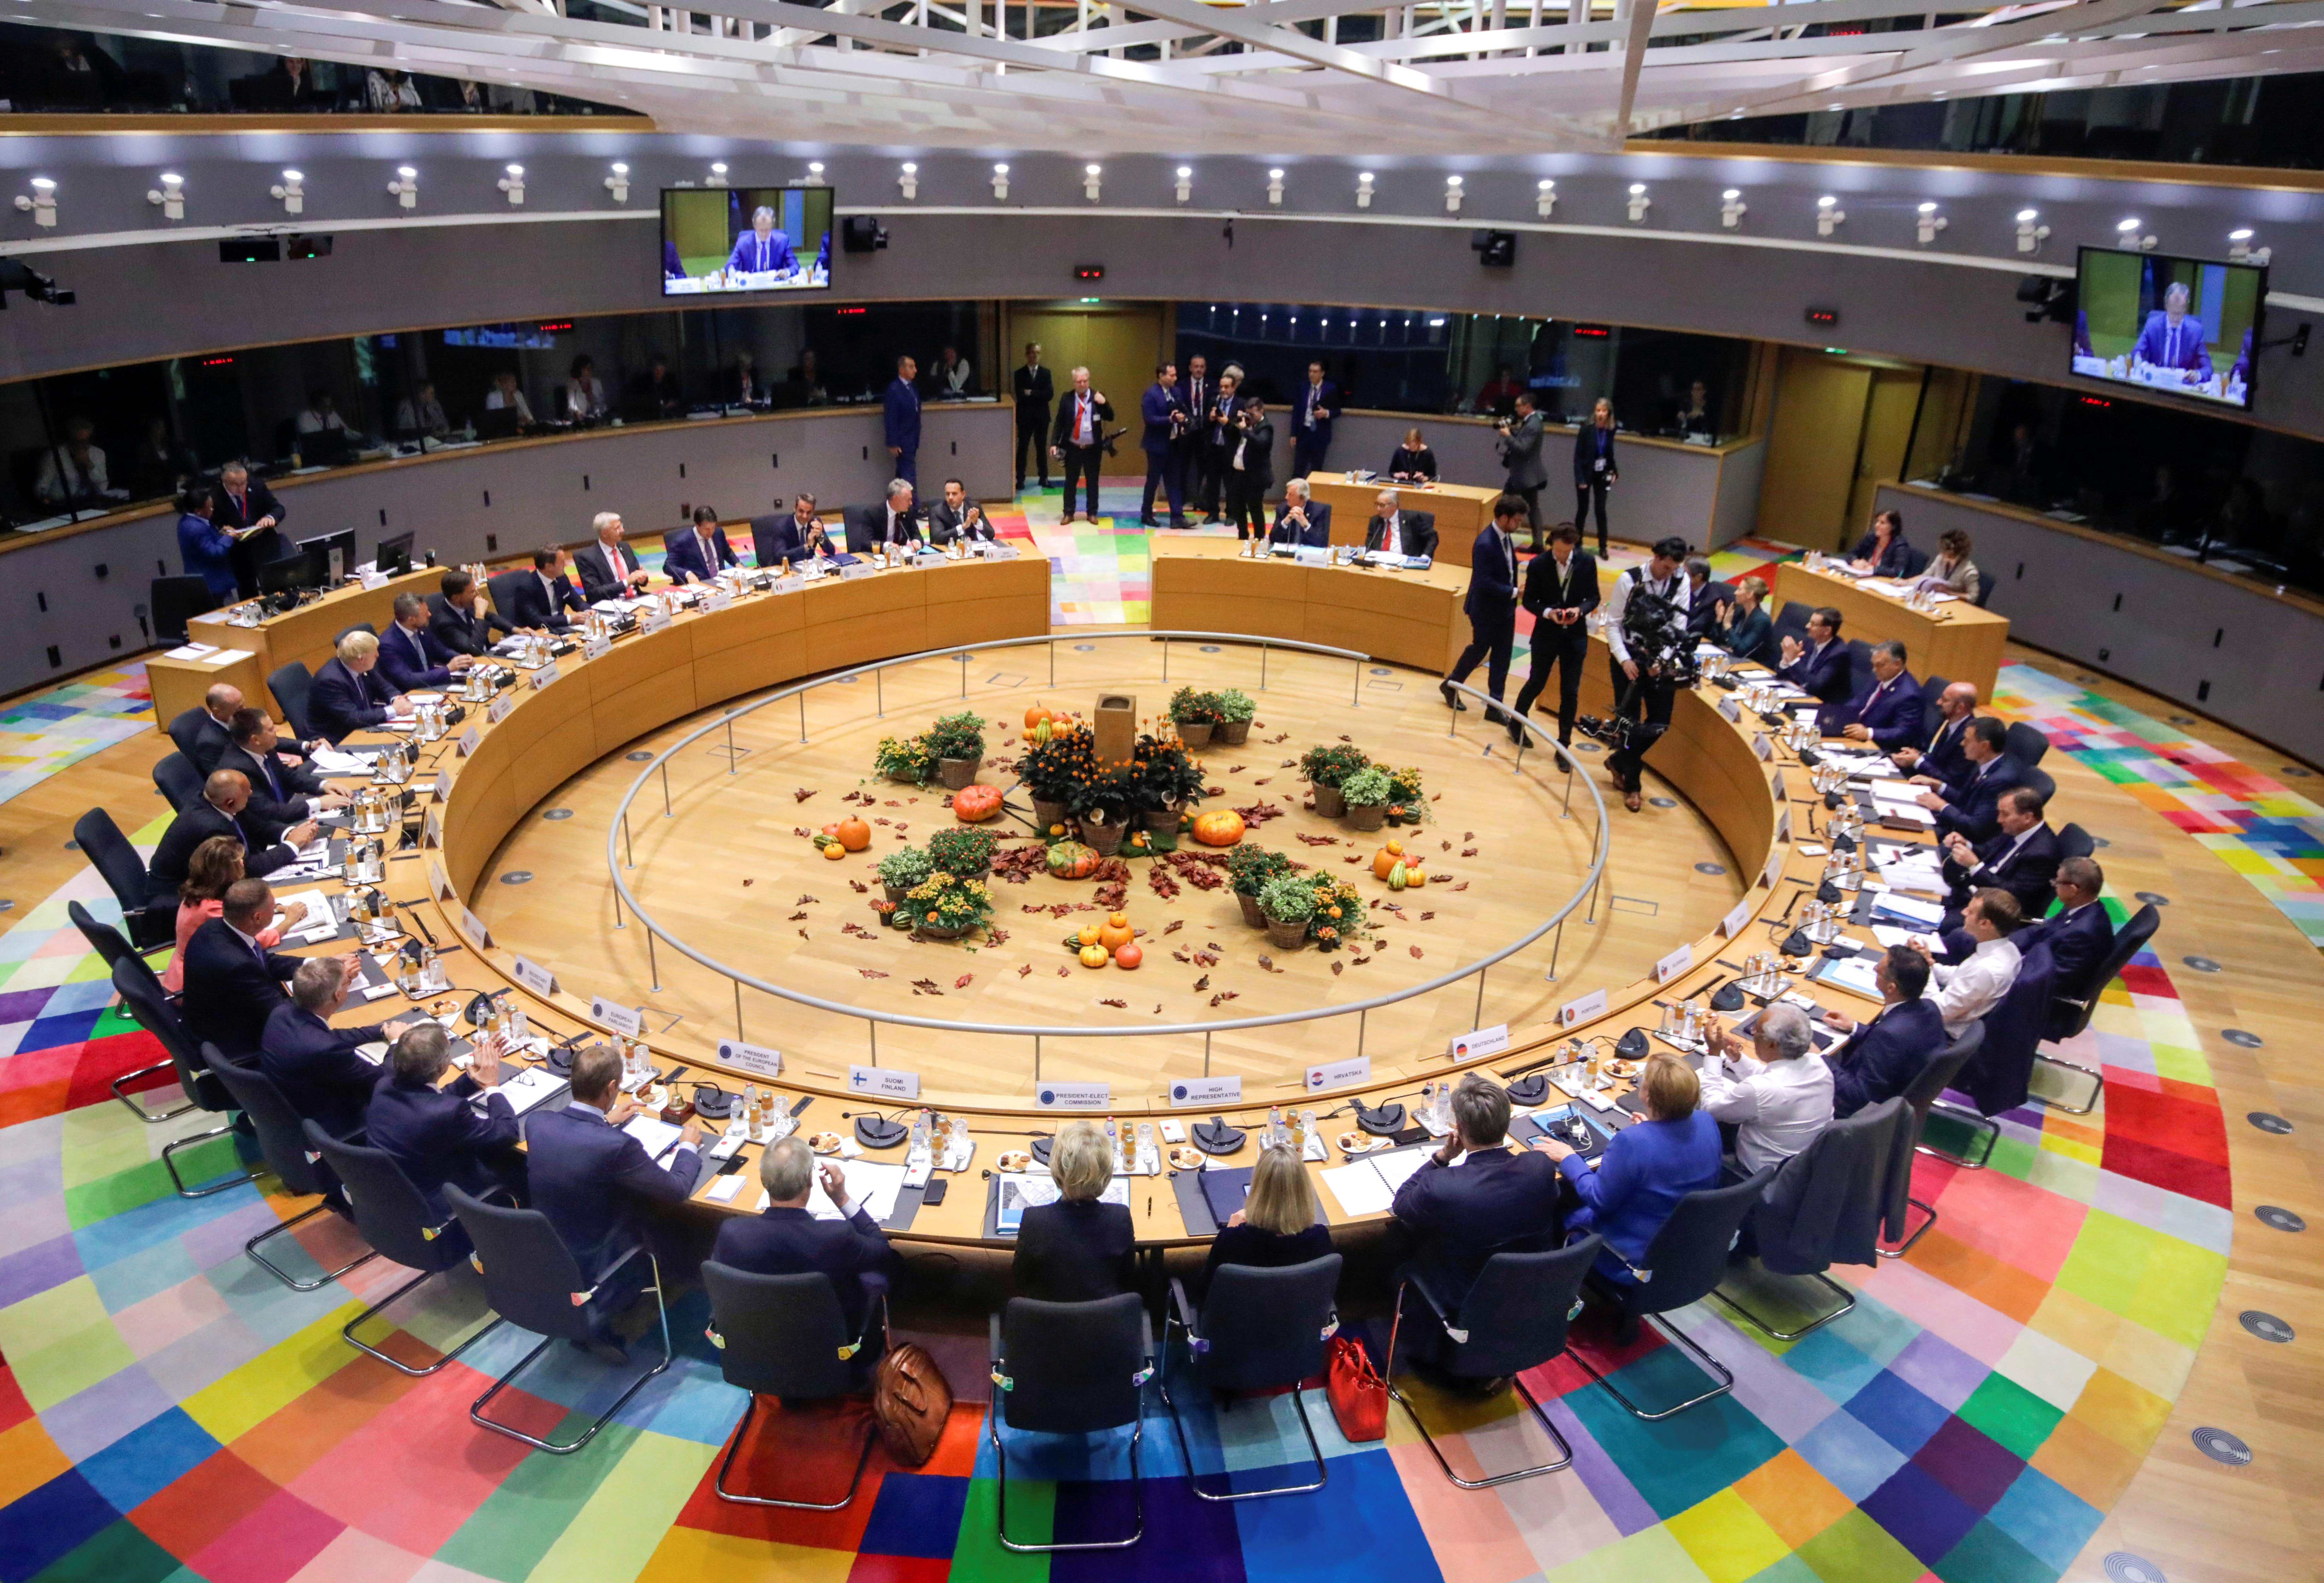 Ringen um eine Billion Euro - EU streitet über Finanzpaket